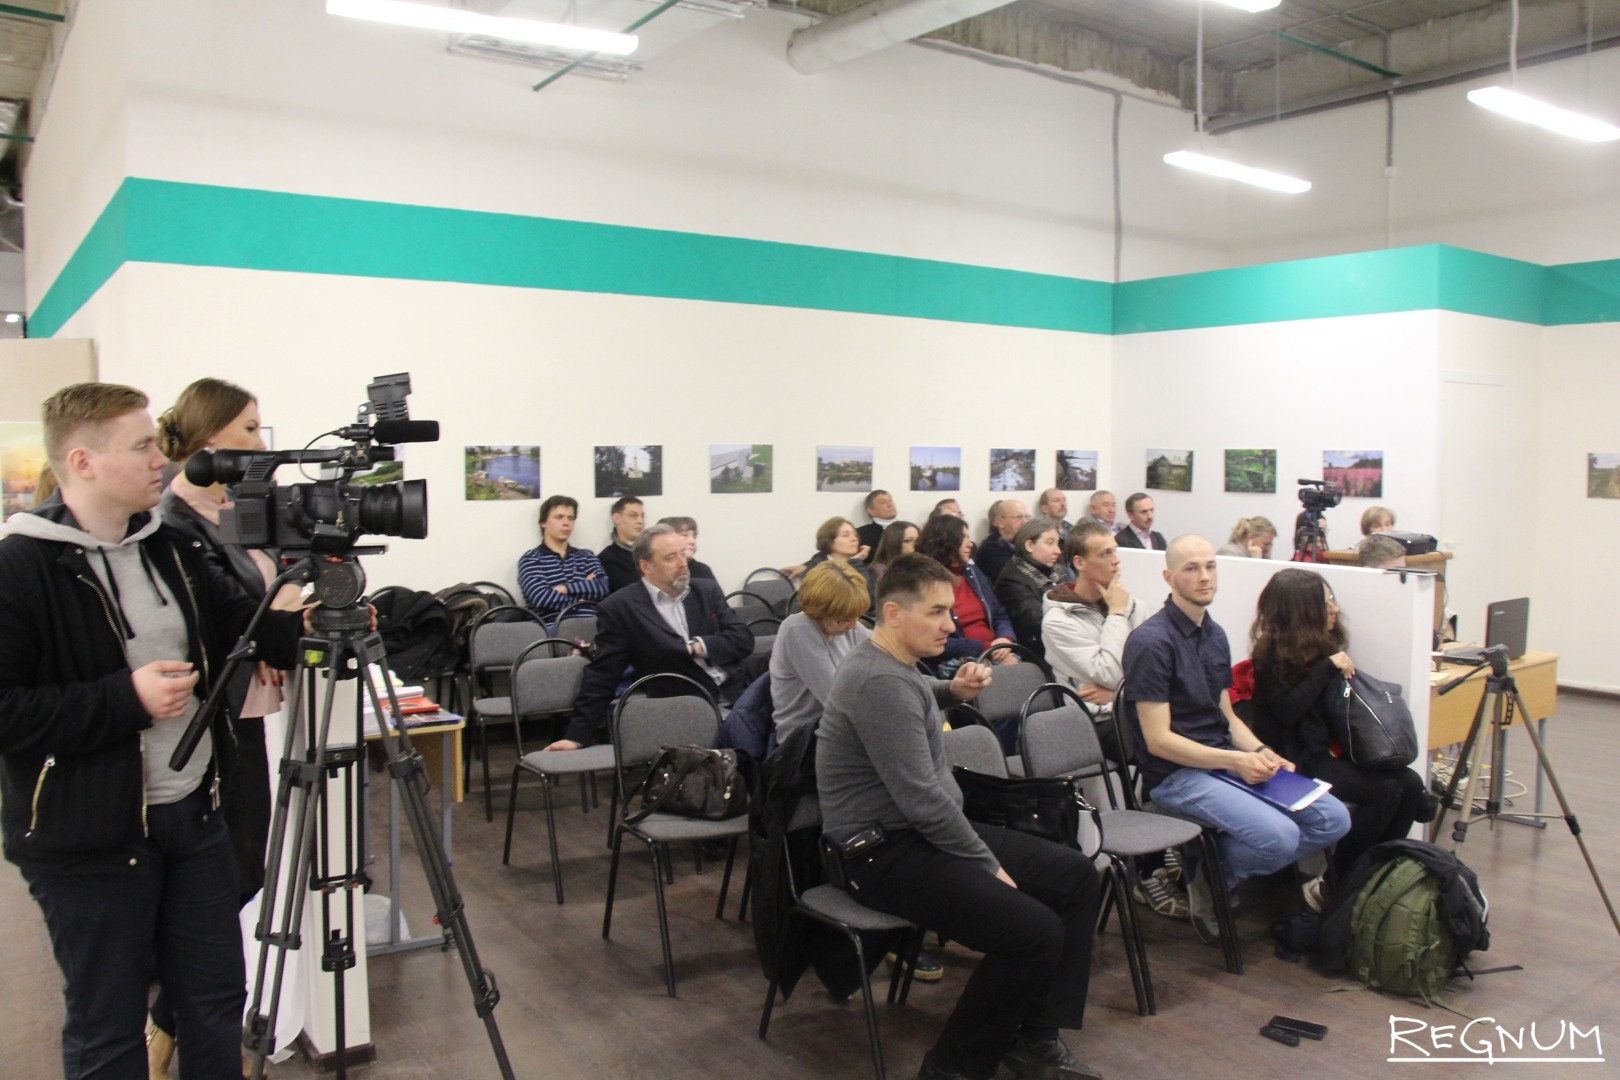 20170502_18-55-В Гатчине предложили переименовать главный проспект, не спрашивая горожан